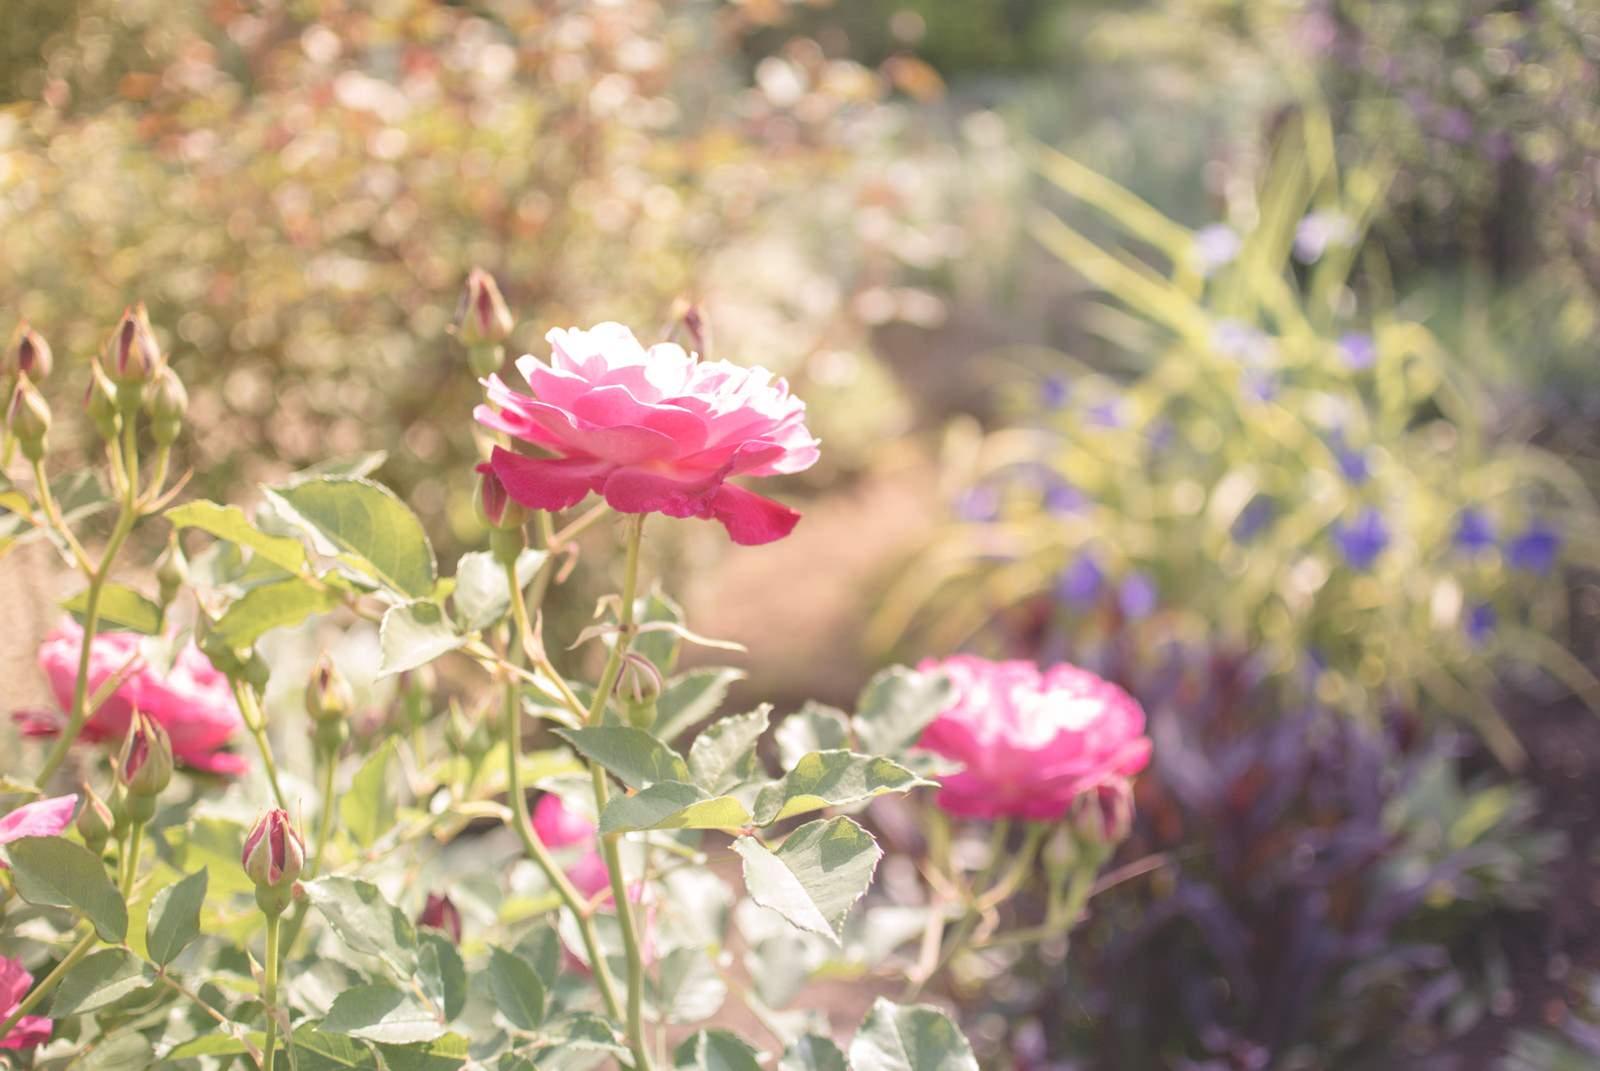 「やさしいひかり(バラ) | ぱくたそフリー素材」の写真